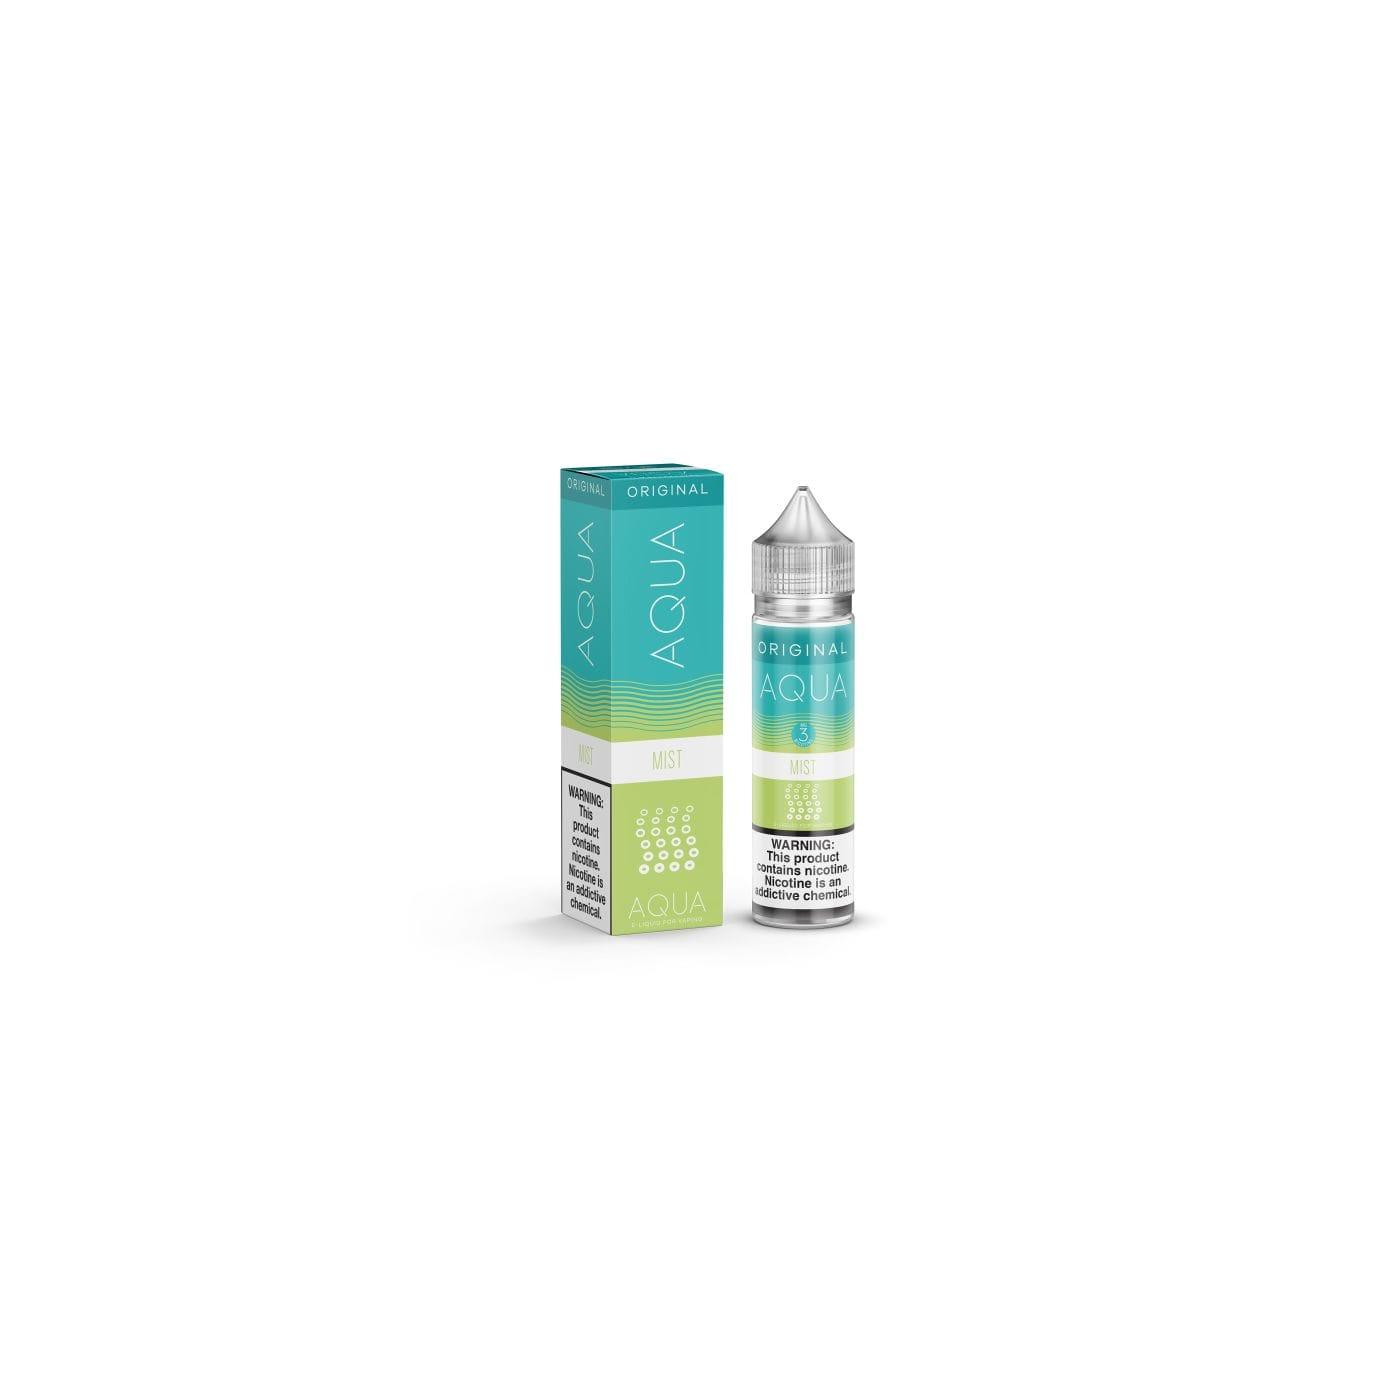 Aqua Mist Synthetic Nicotine